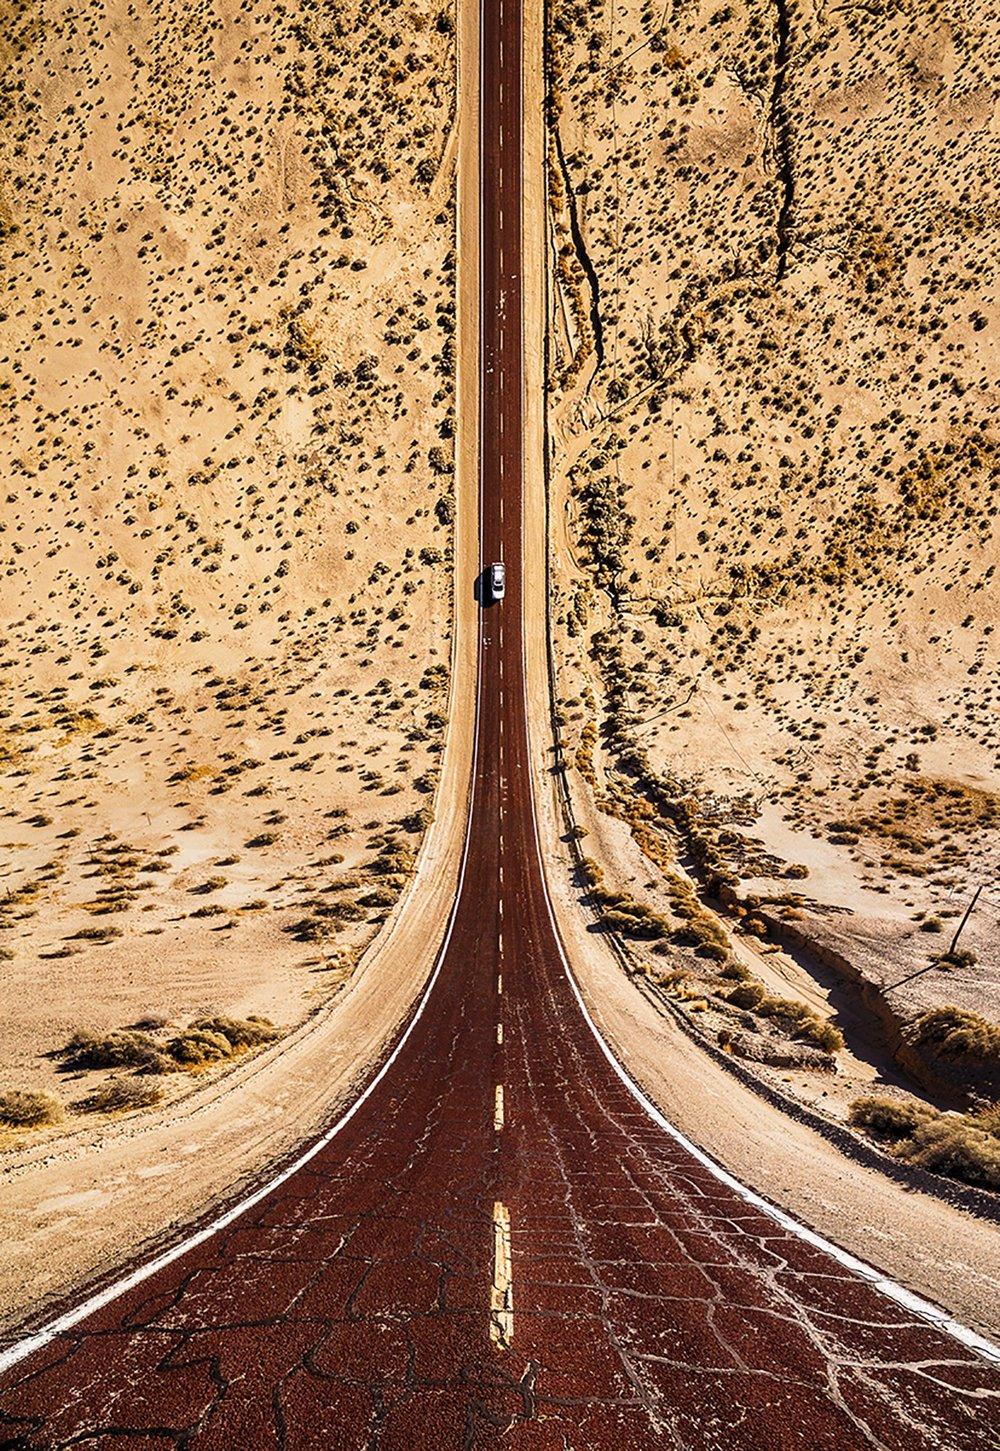 Red_Road-copy.jpg